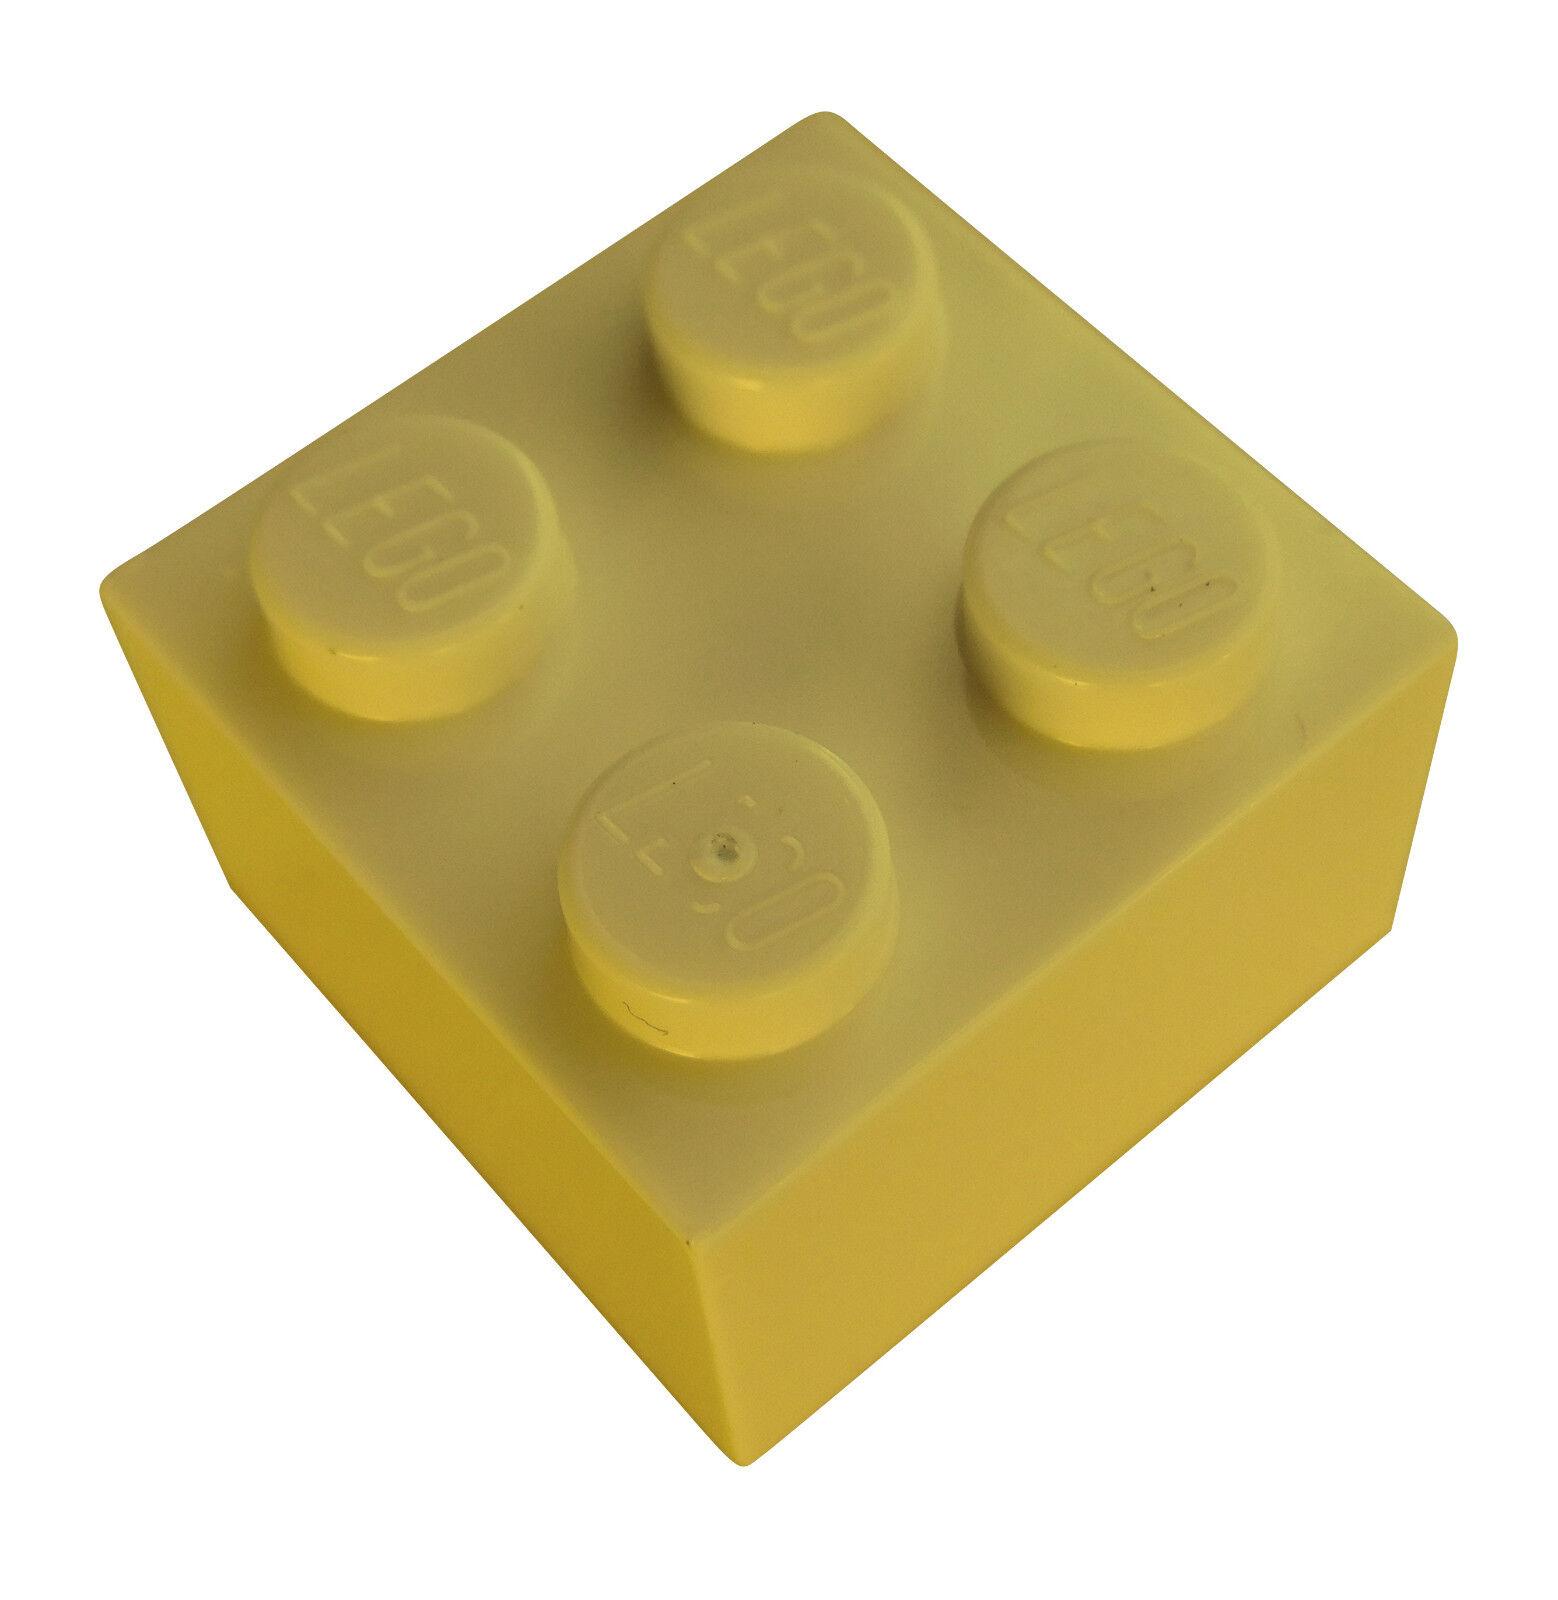 Lego 50 Stück Stein 2x2 orange 3003 Neu Steine Basicsteine Bausteine Basics